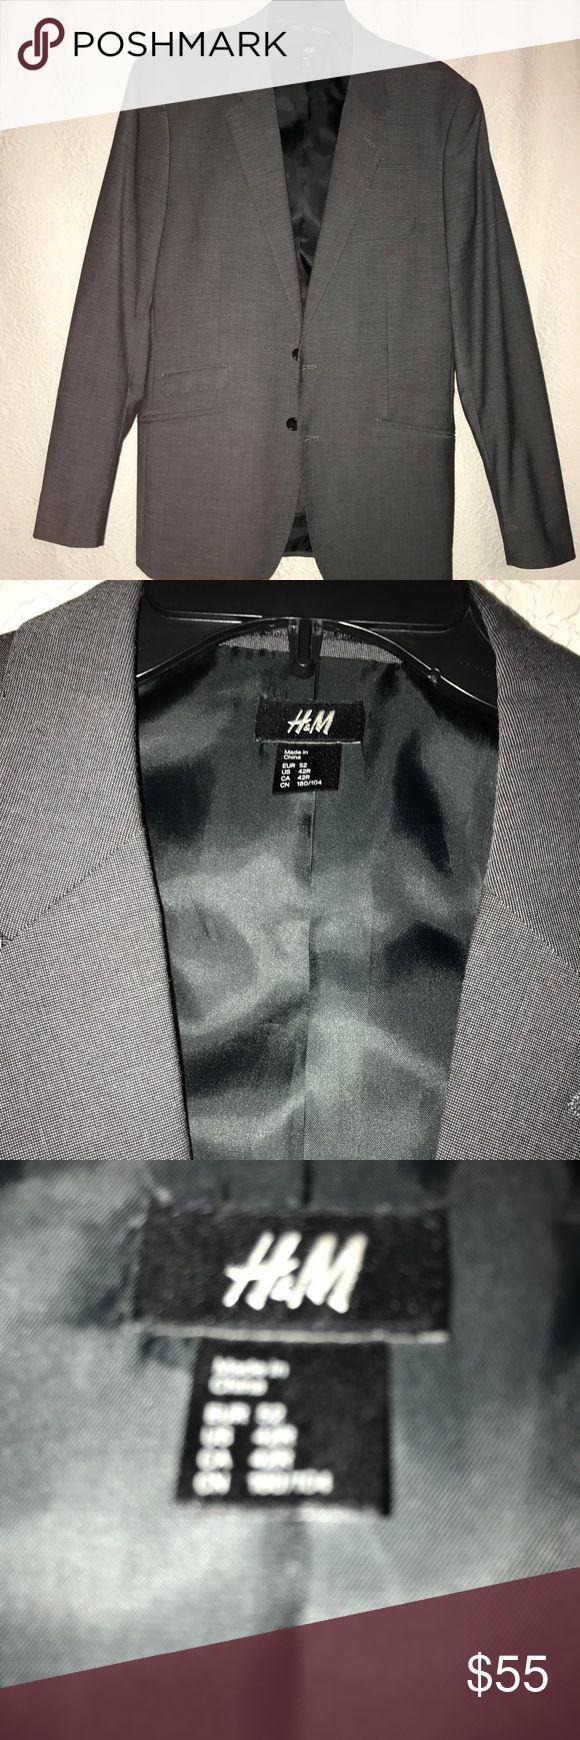 H&M Gray Sport Coat 42R H&M Gray Sport Coat 42R H&M Suits & Blazers Sport Coats & Blazers